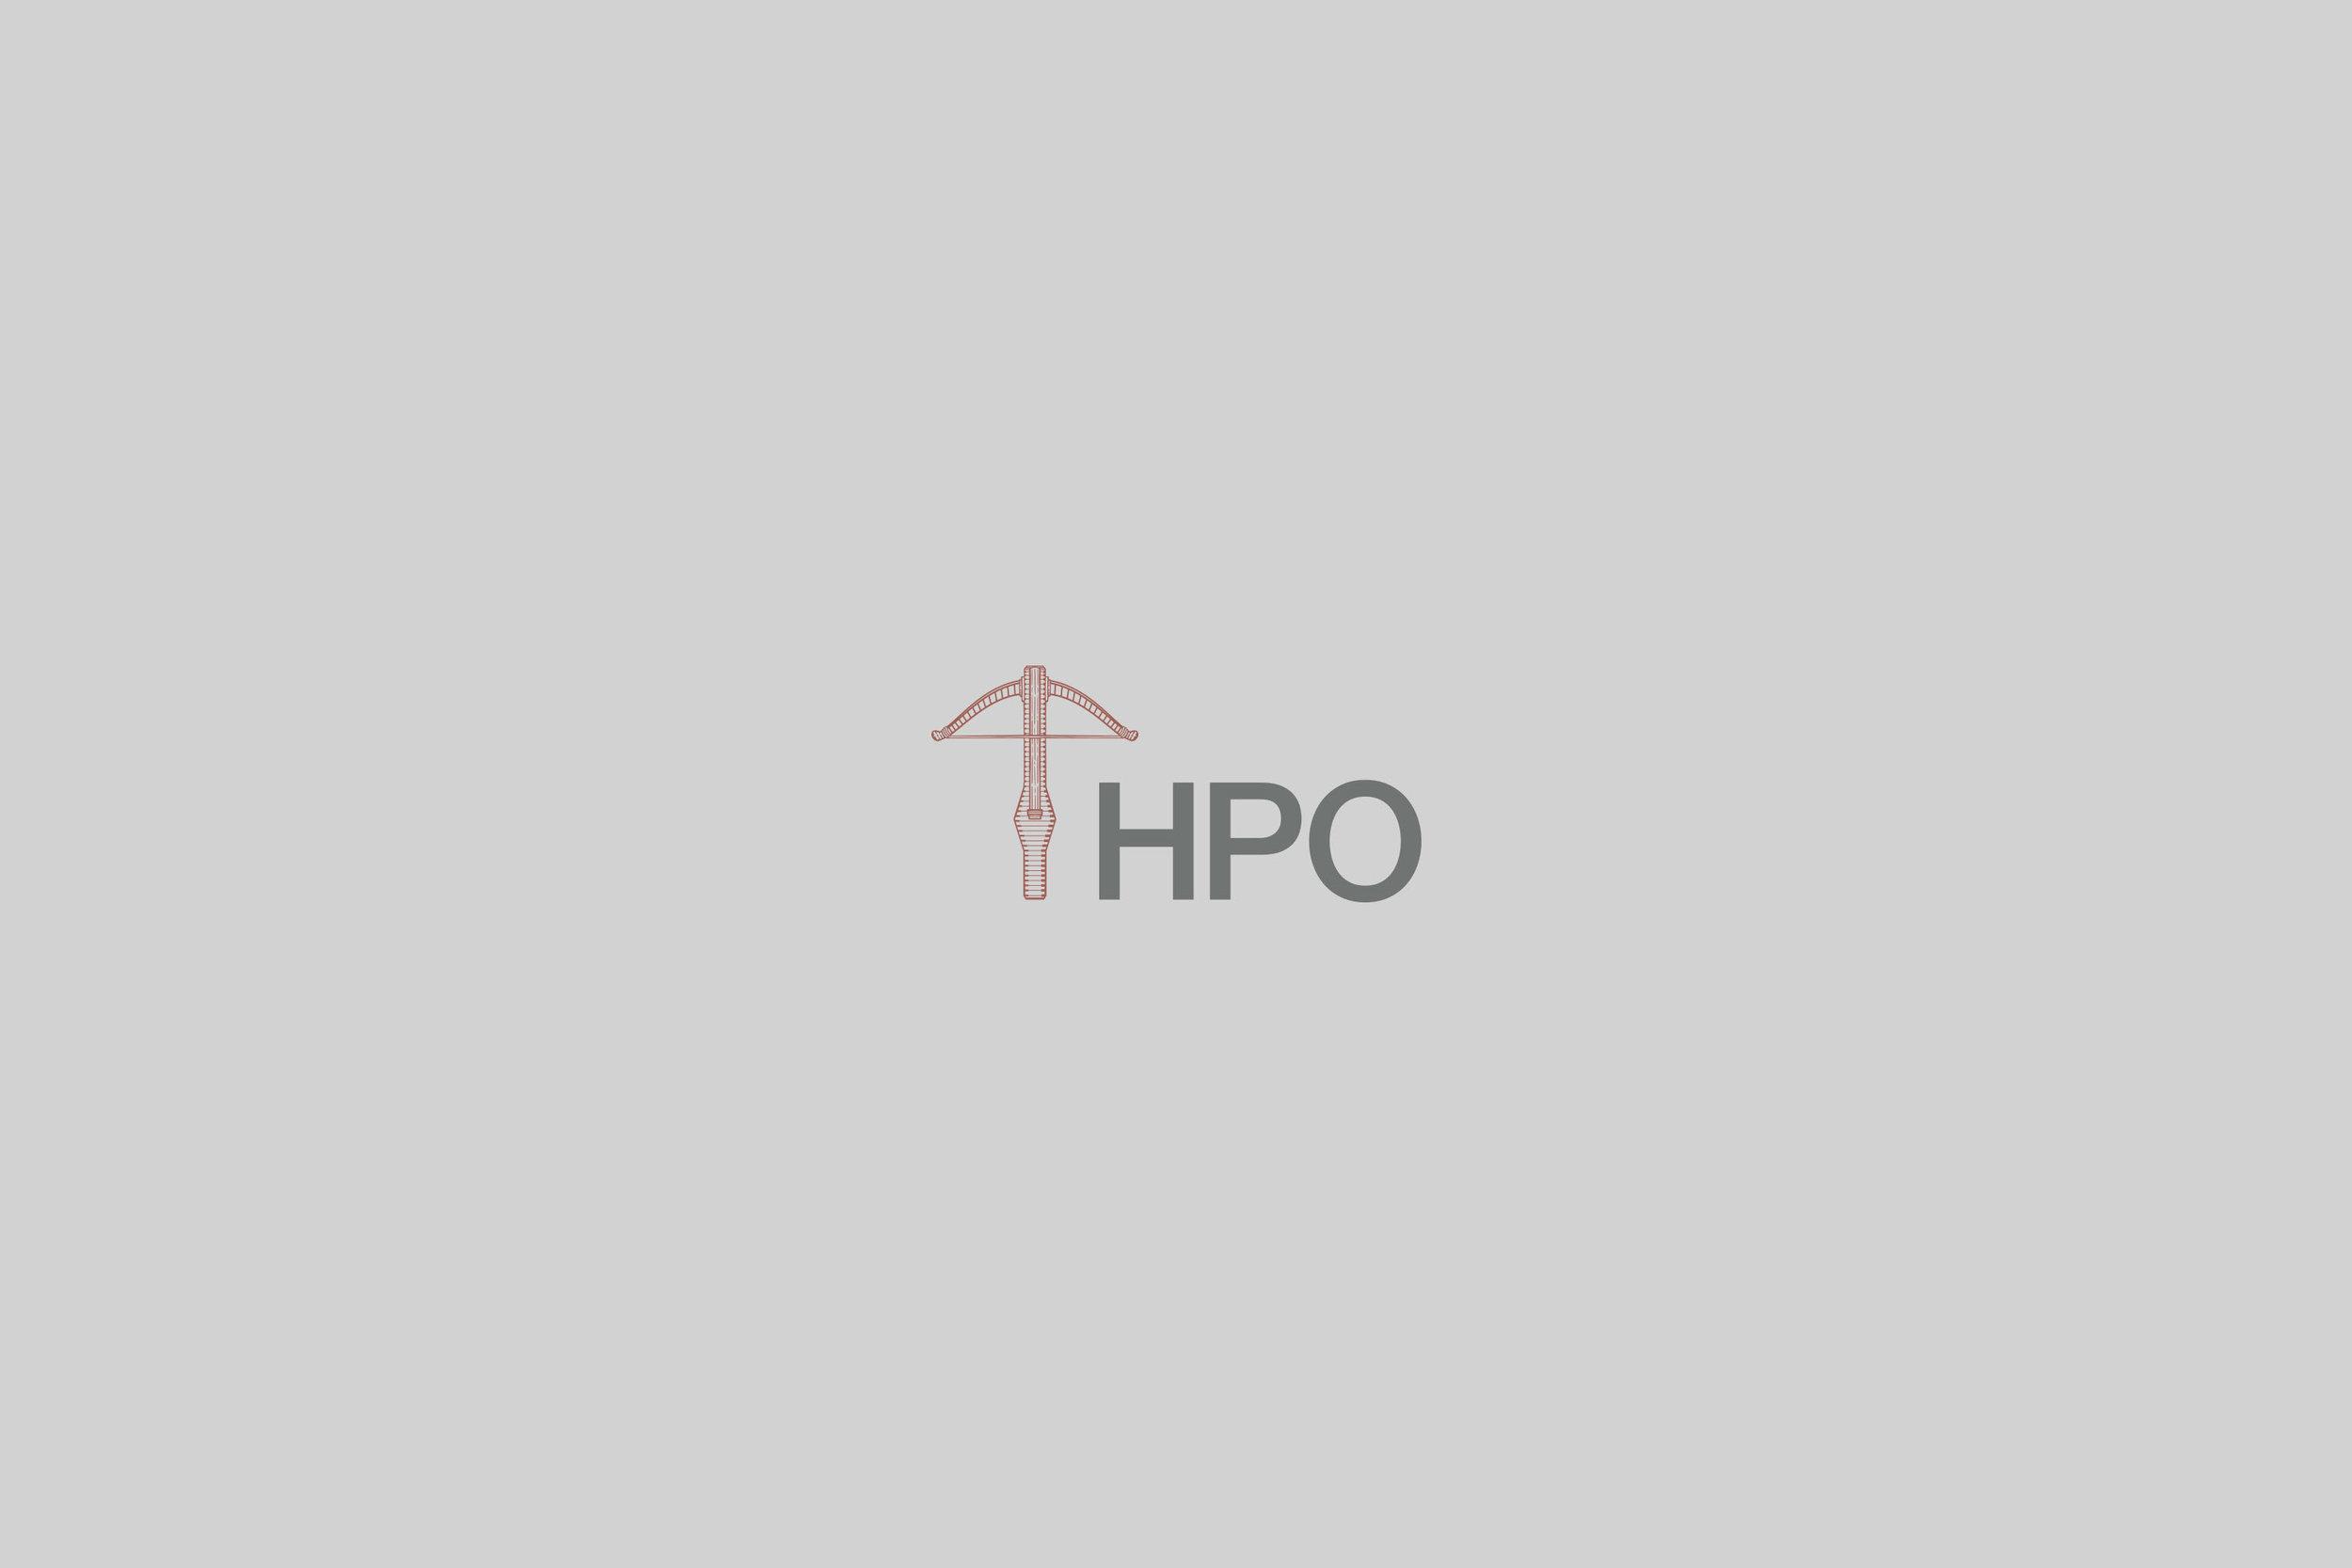 10.-hpo-identity-presentation.jpg